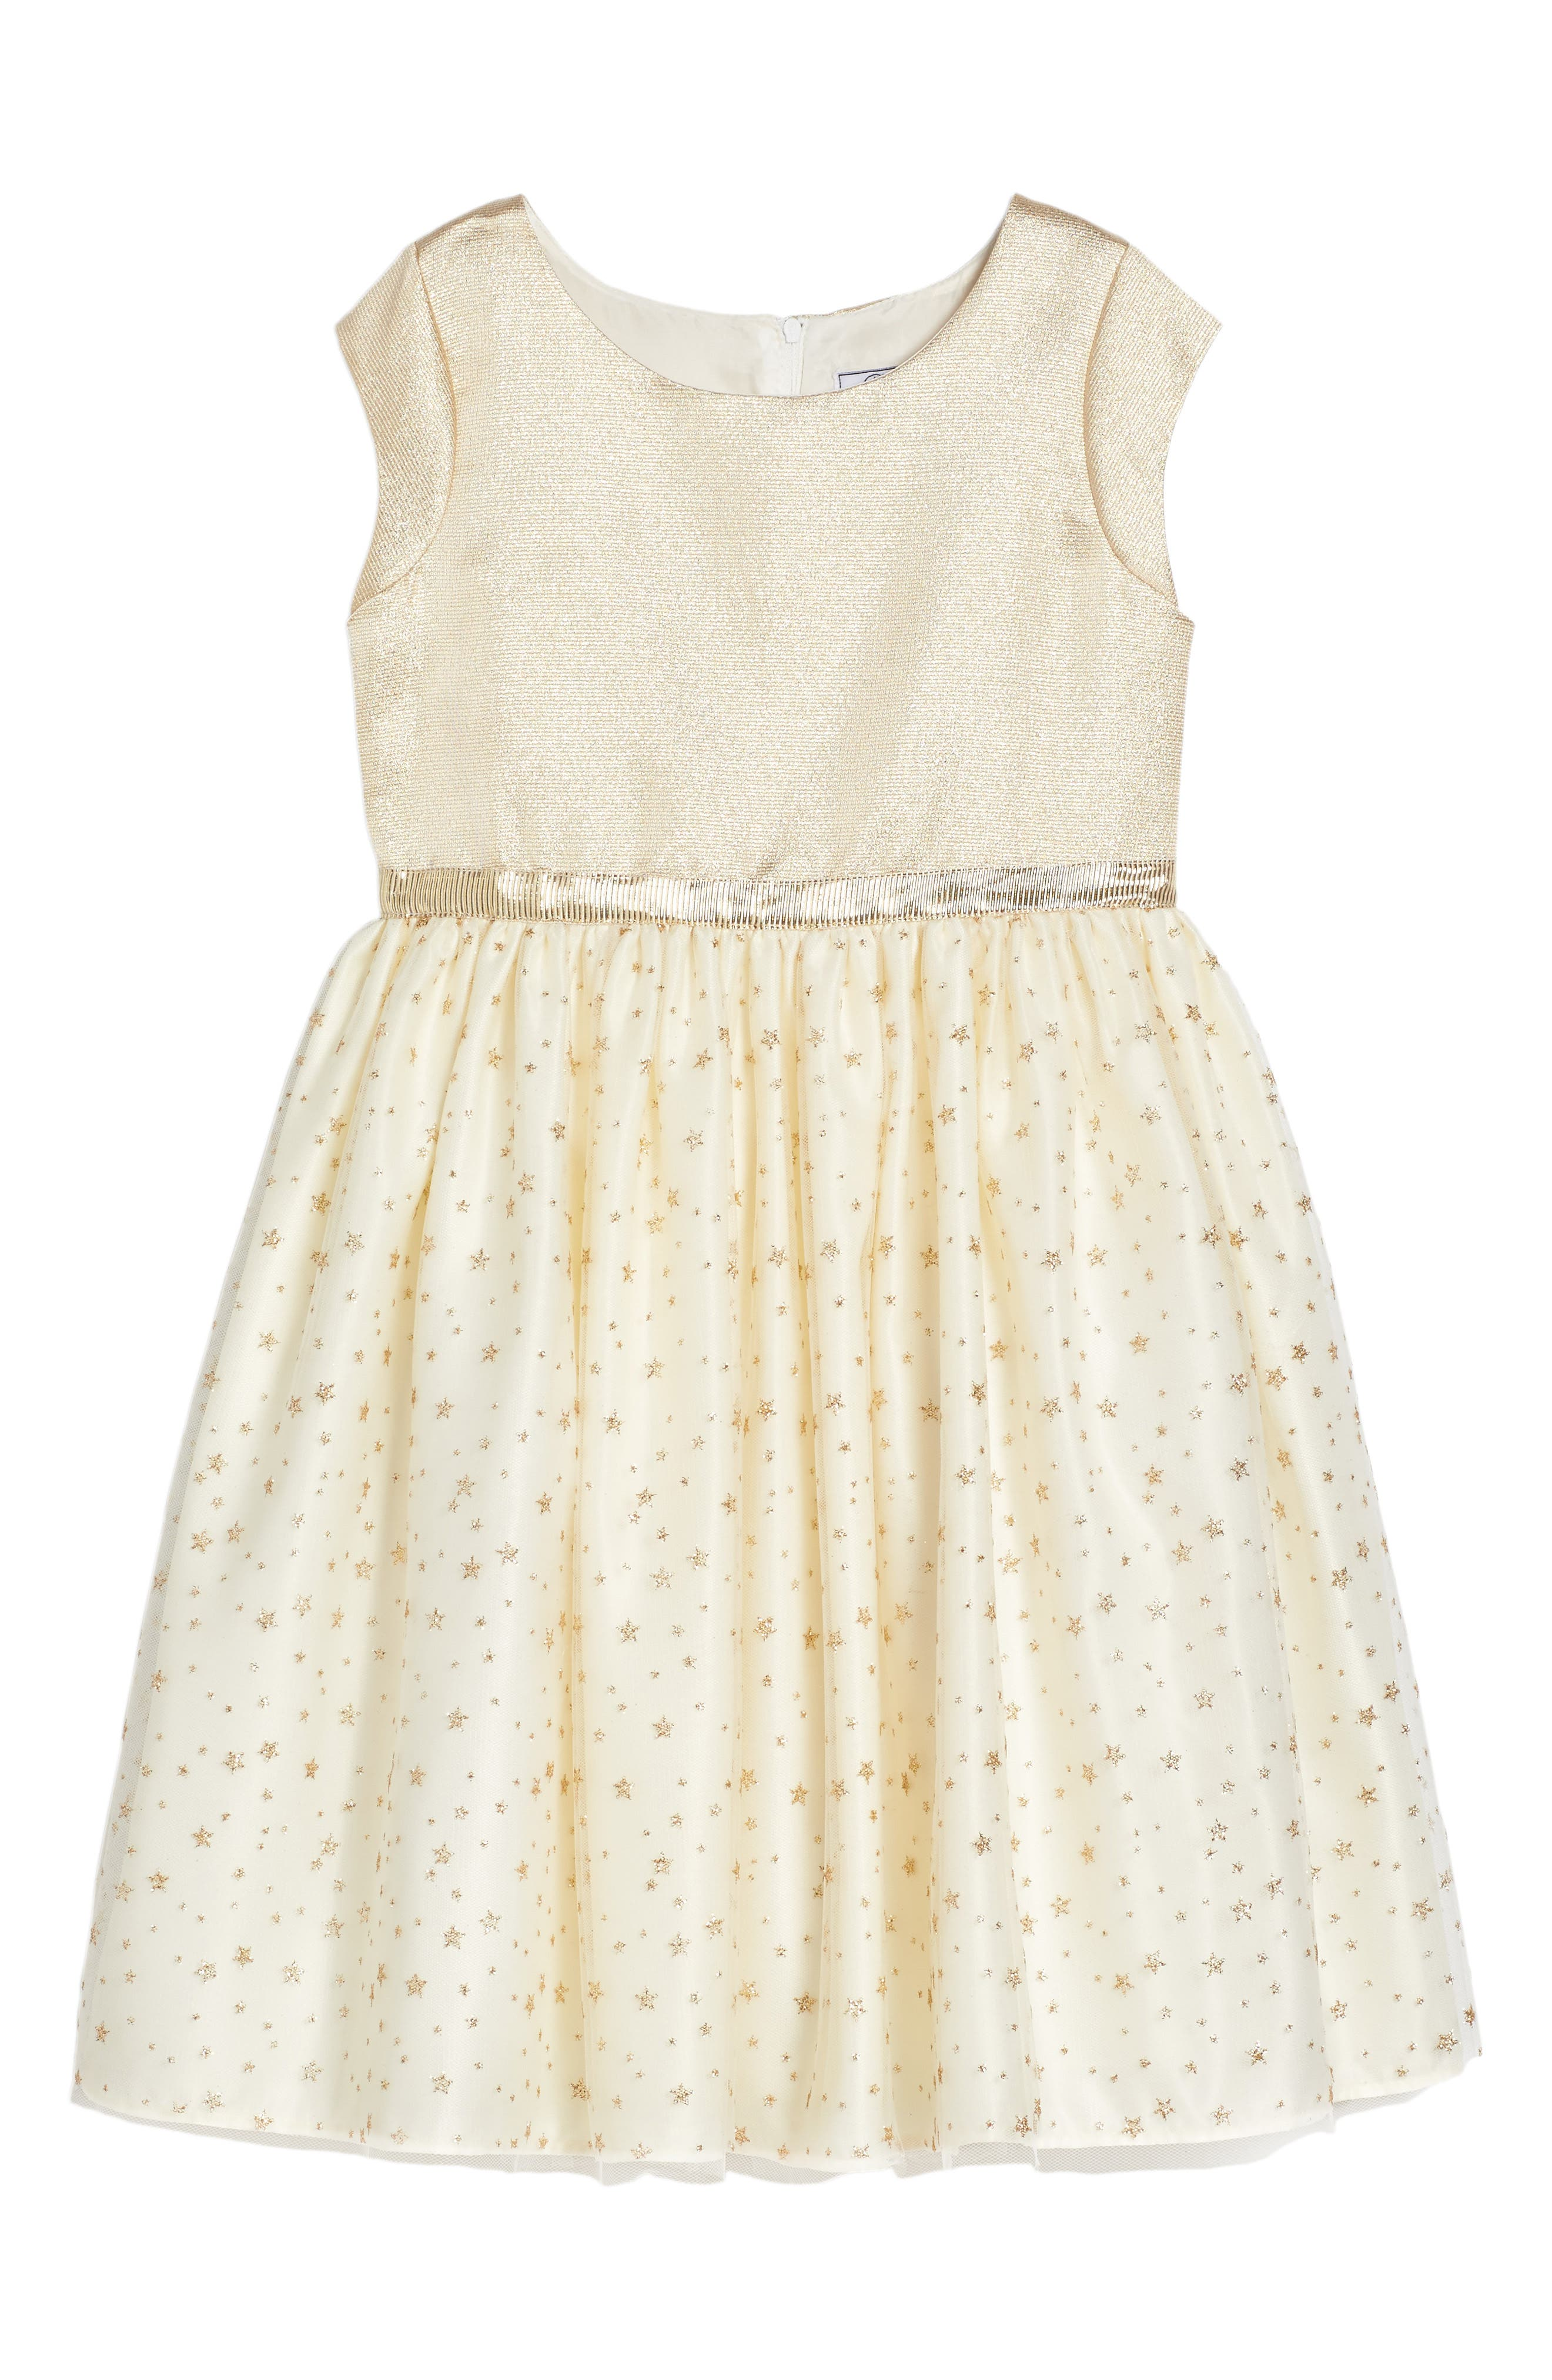 Alternate Image 1 Selected - Dorissa Kelly Dress (Toddler Girls, Little Girls & Big Girls)